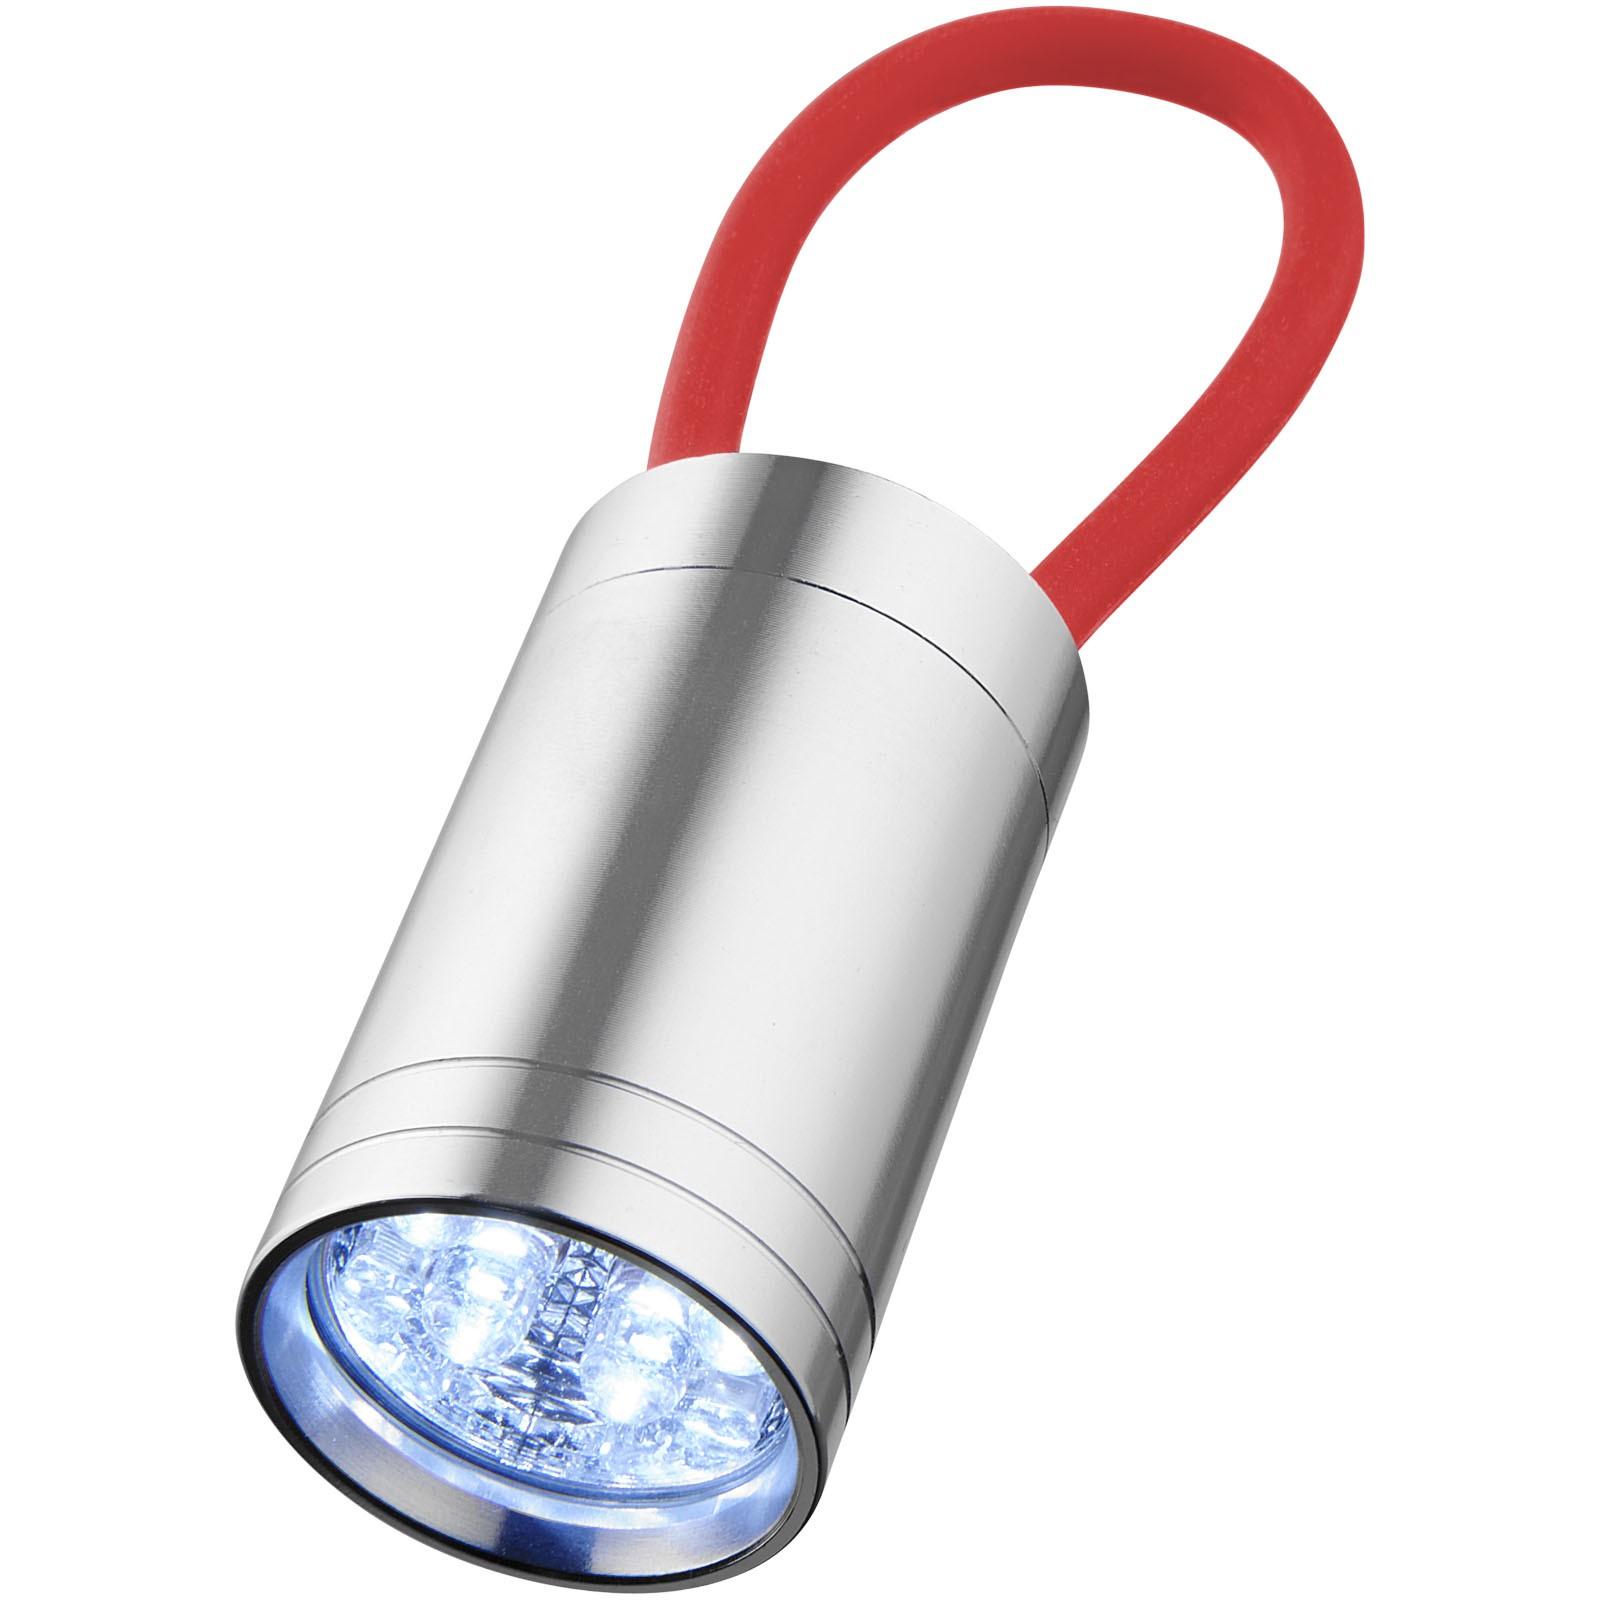 Svítilna Vela se 6 LED a svítícím popruhem - Červená s efektem námrazy